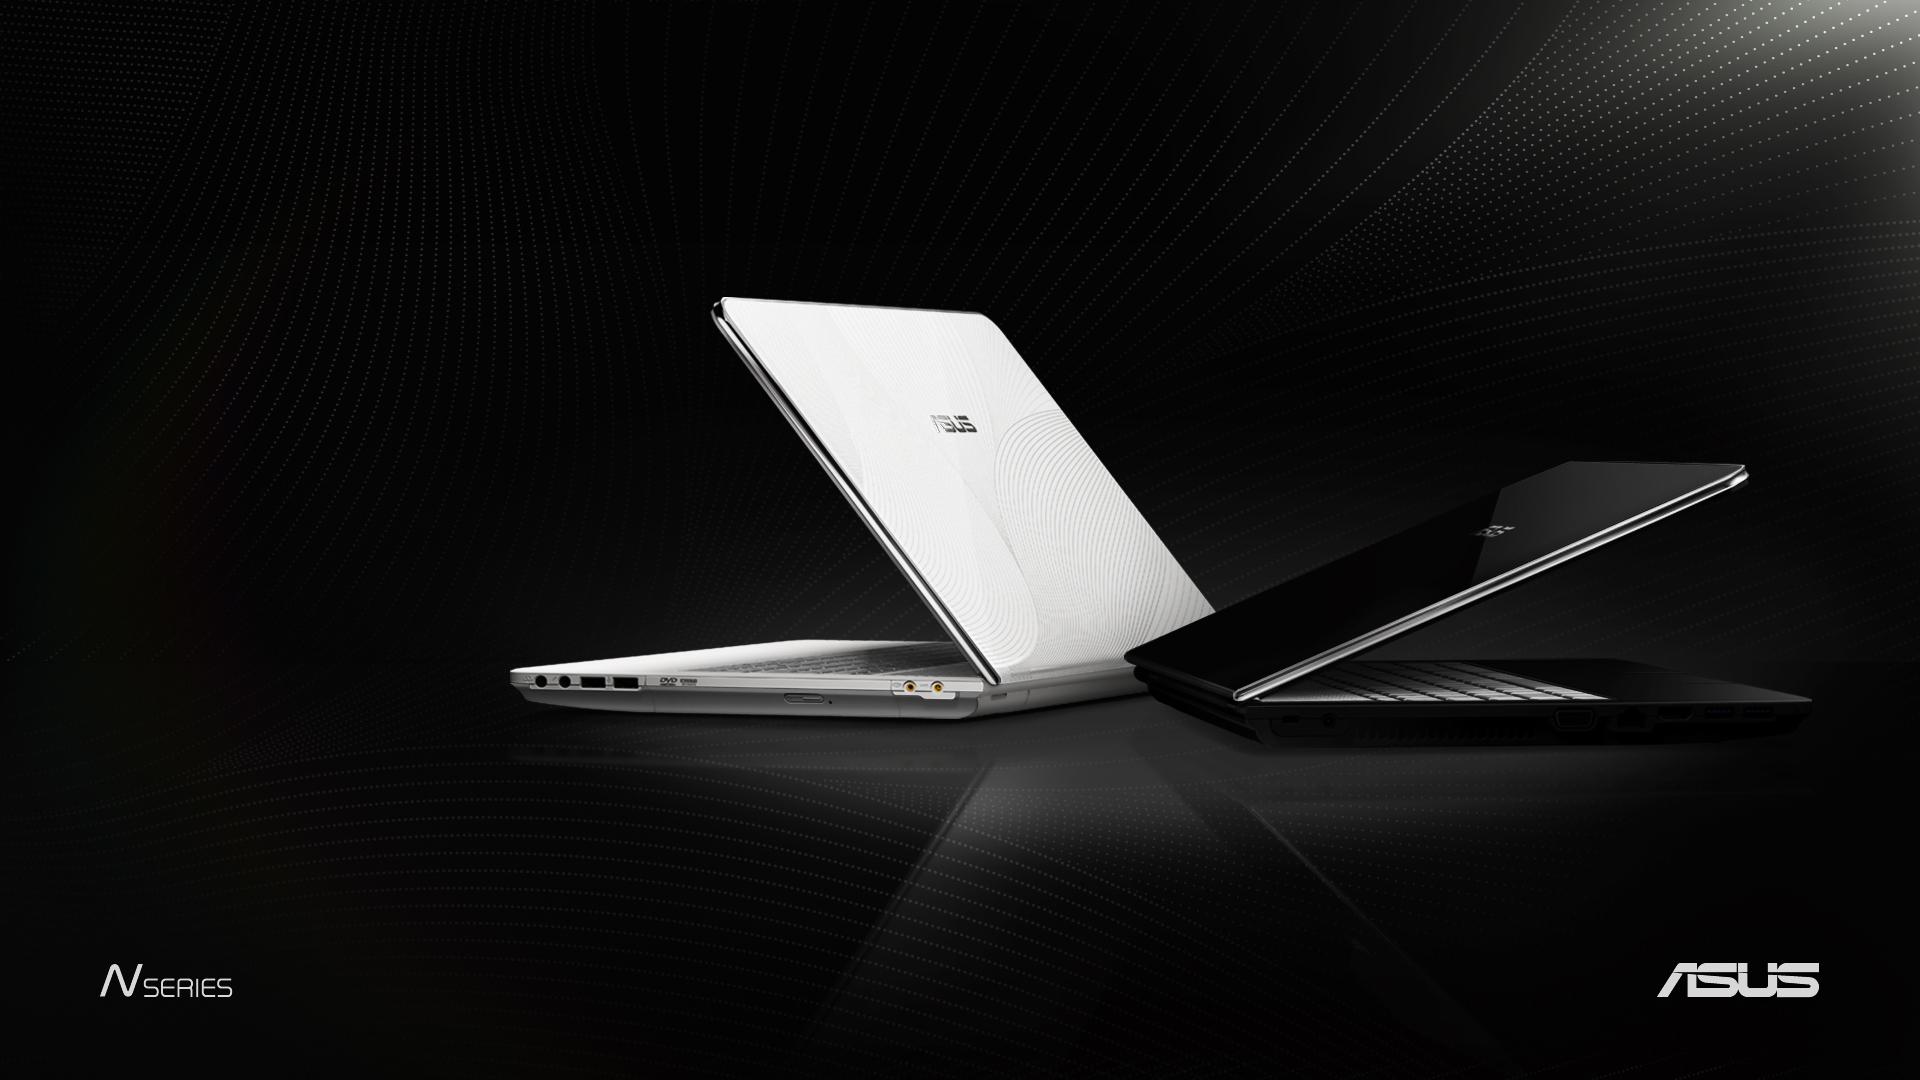 Acer Aspire  обои для рабочего стола картинки фото